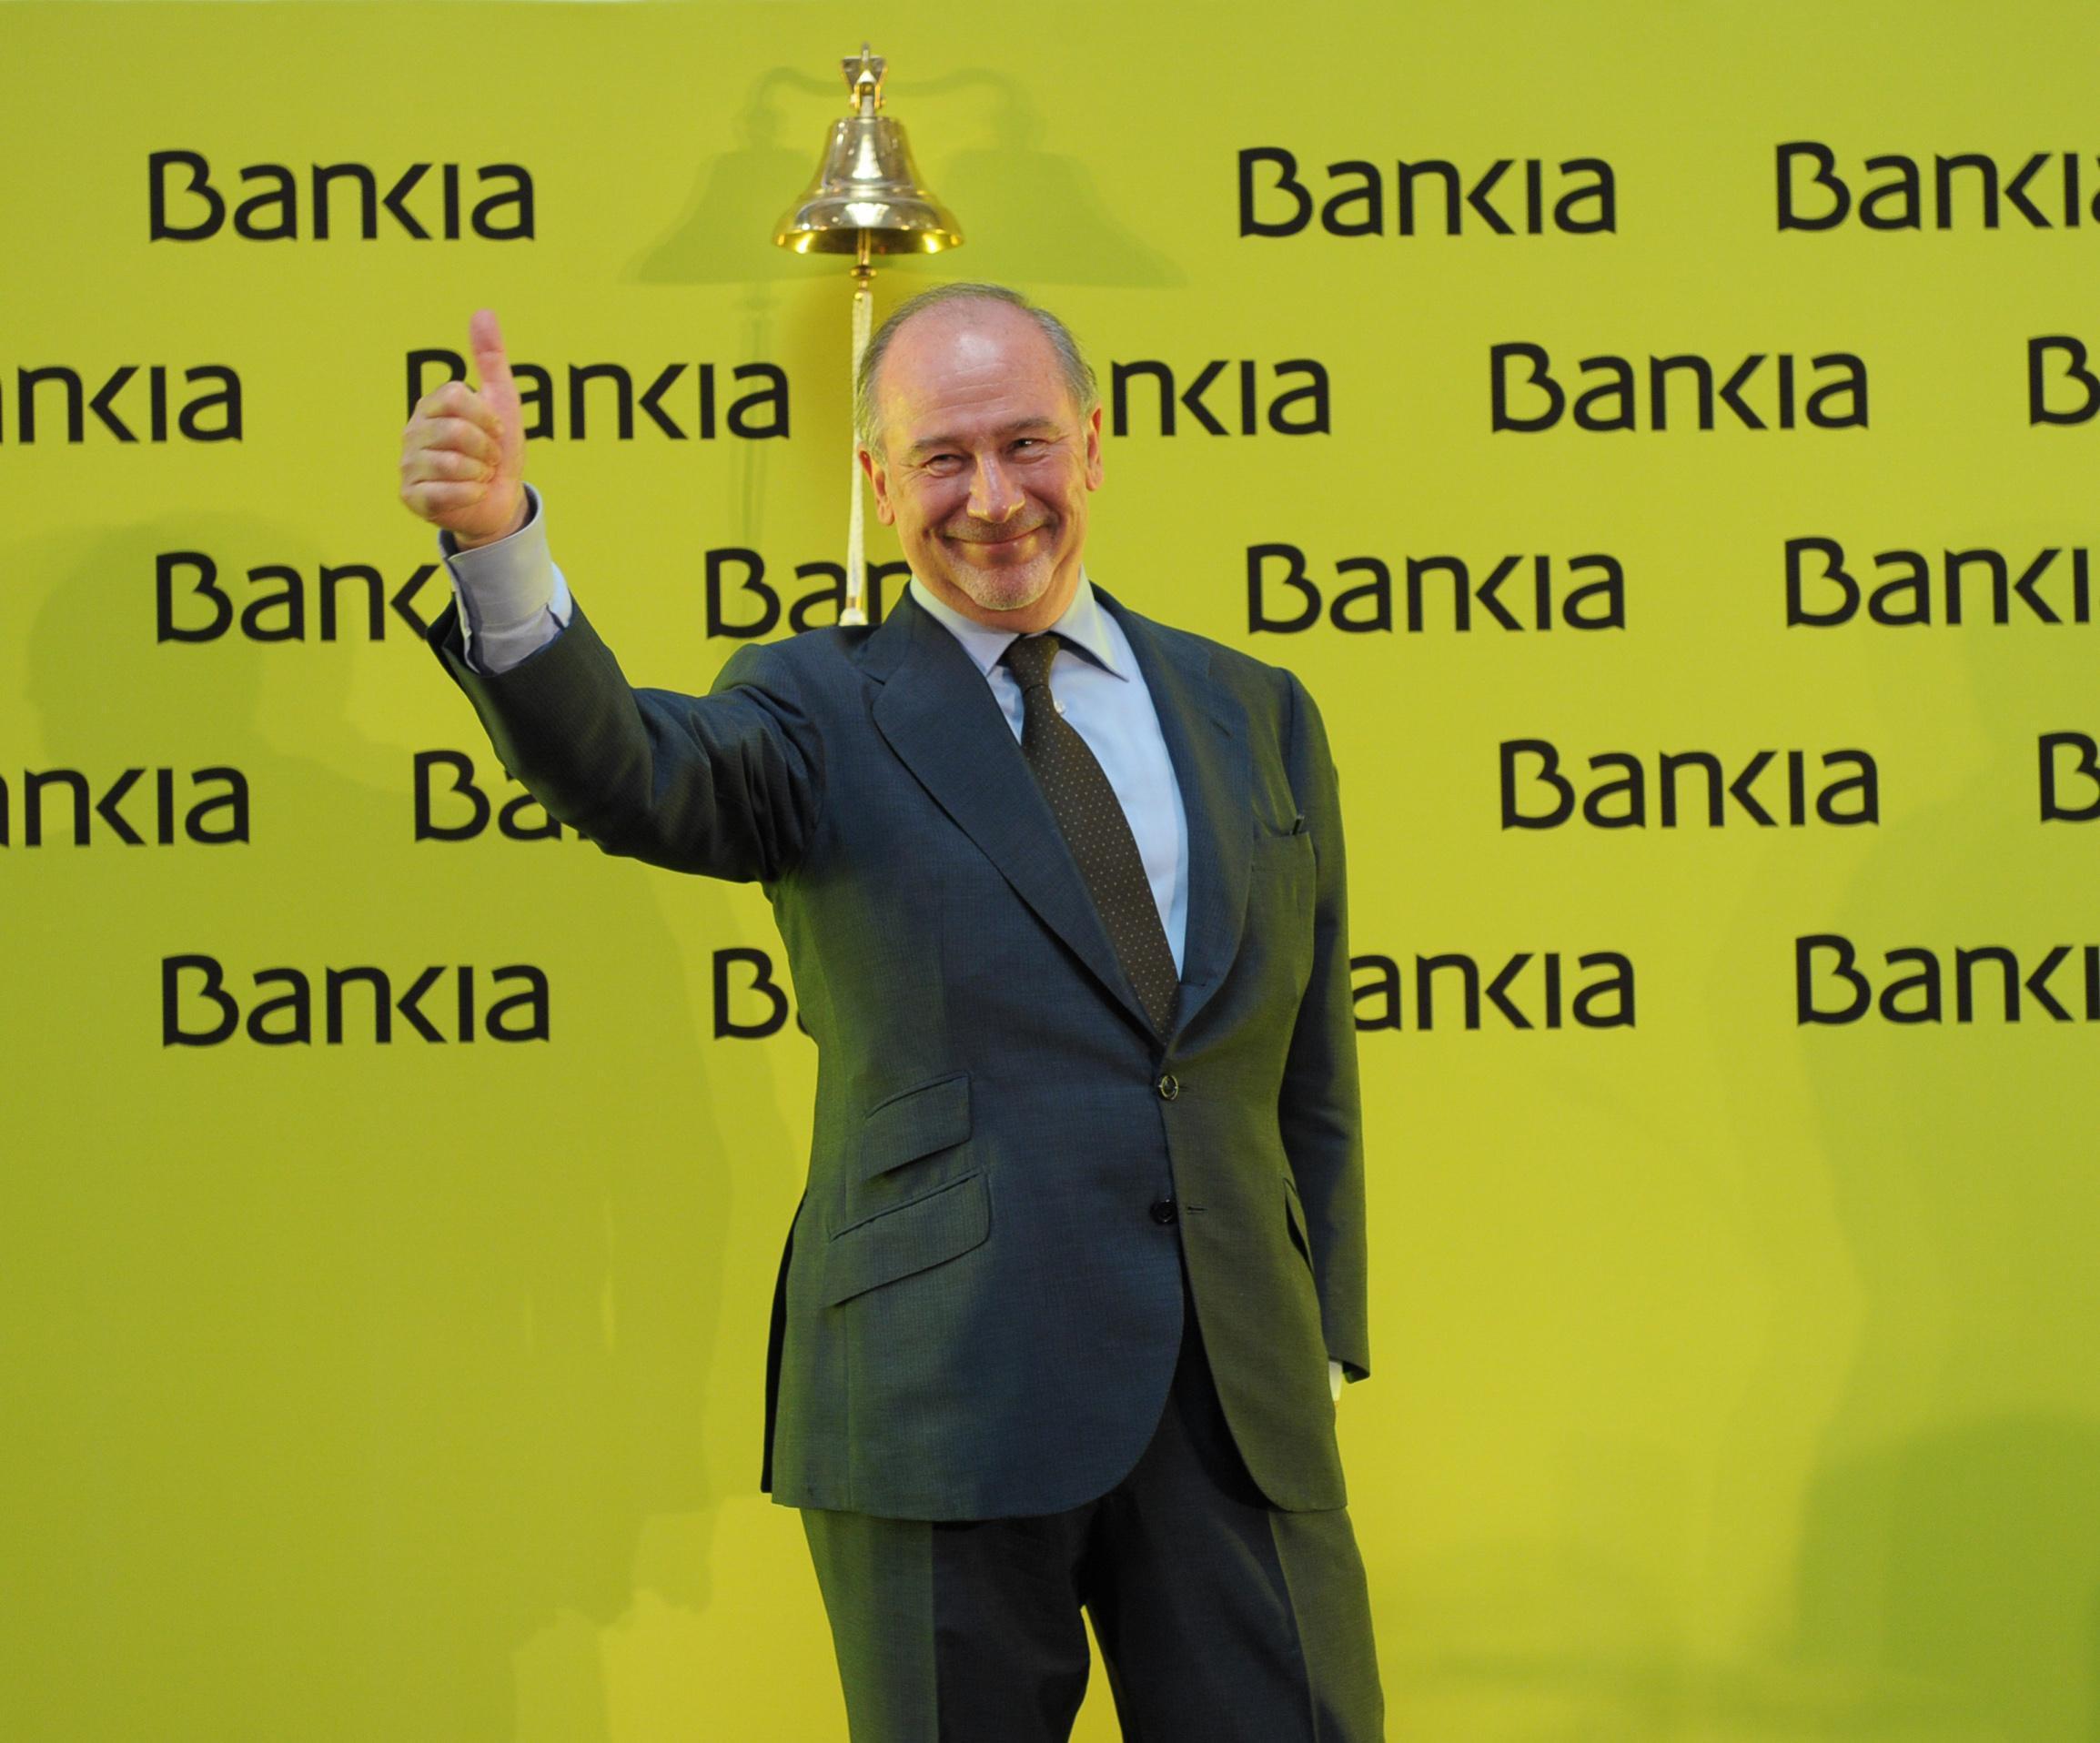 A vueltas con la mala praxis bancaria (3):  Acciones de BANKIA. Defensa jurídica.